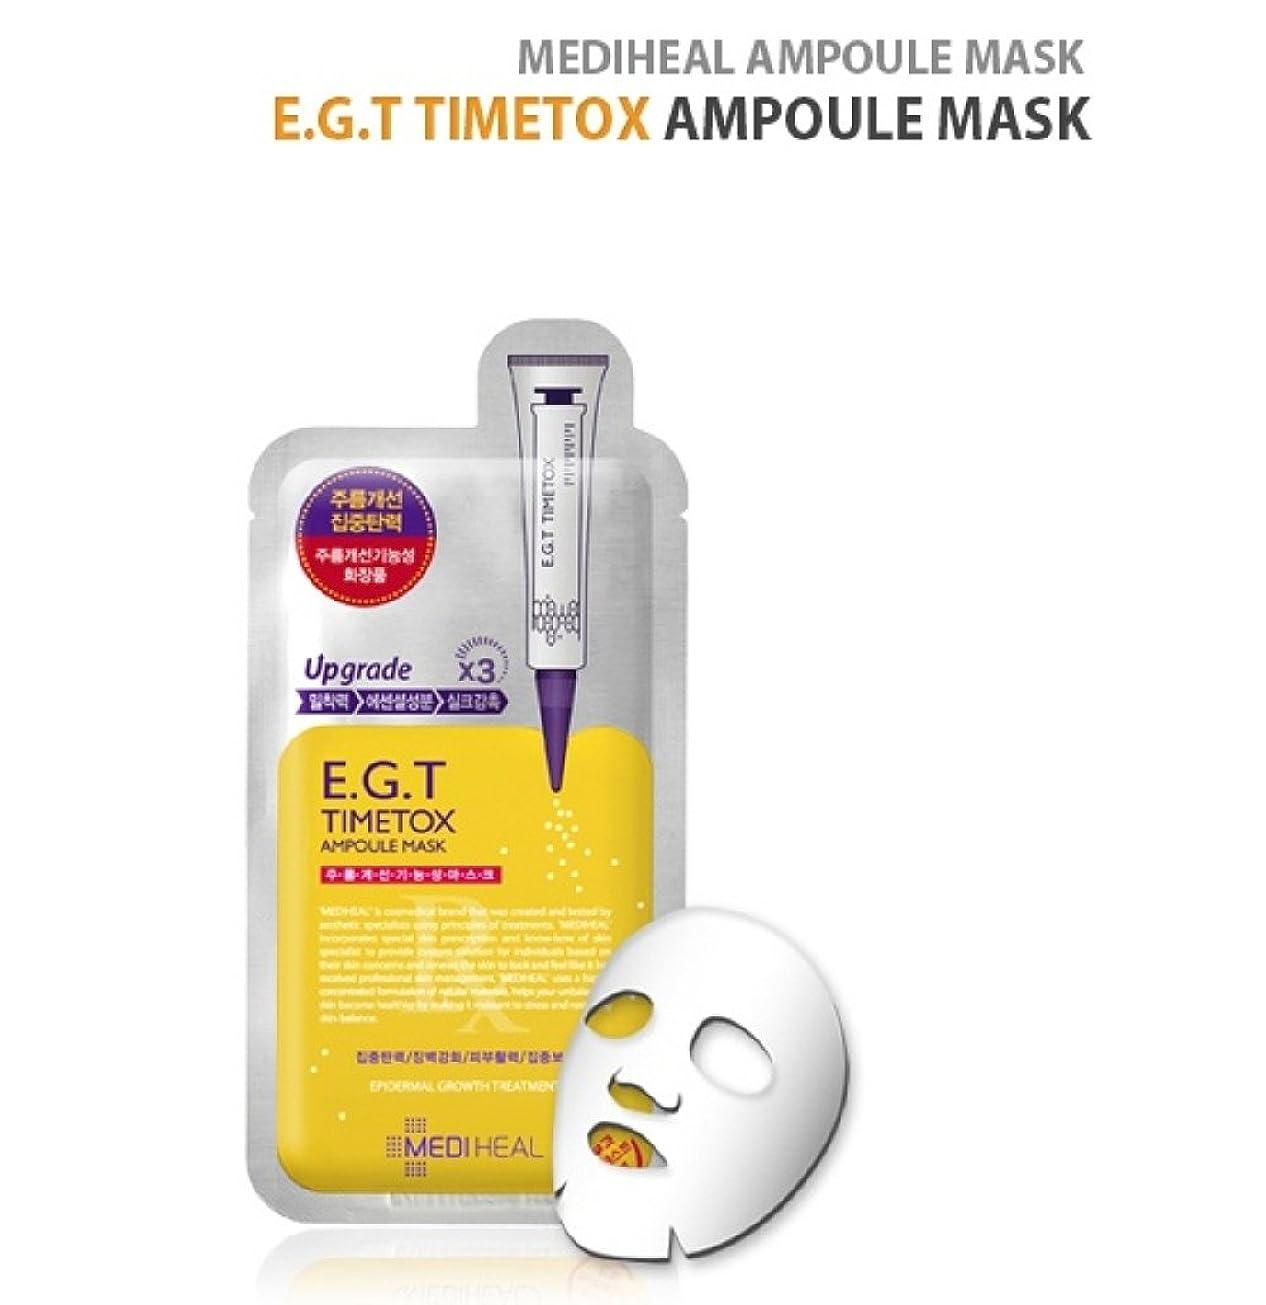 遠えハイキングに行く全体【メディヒール】Timetoxアンプルマスクパック (10枚)5Upgrade MEDIHEAL E.G.T Timetox Ampule Mask Pack REX 10 piece [並行輸入品]